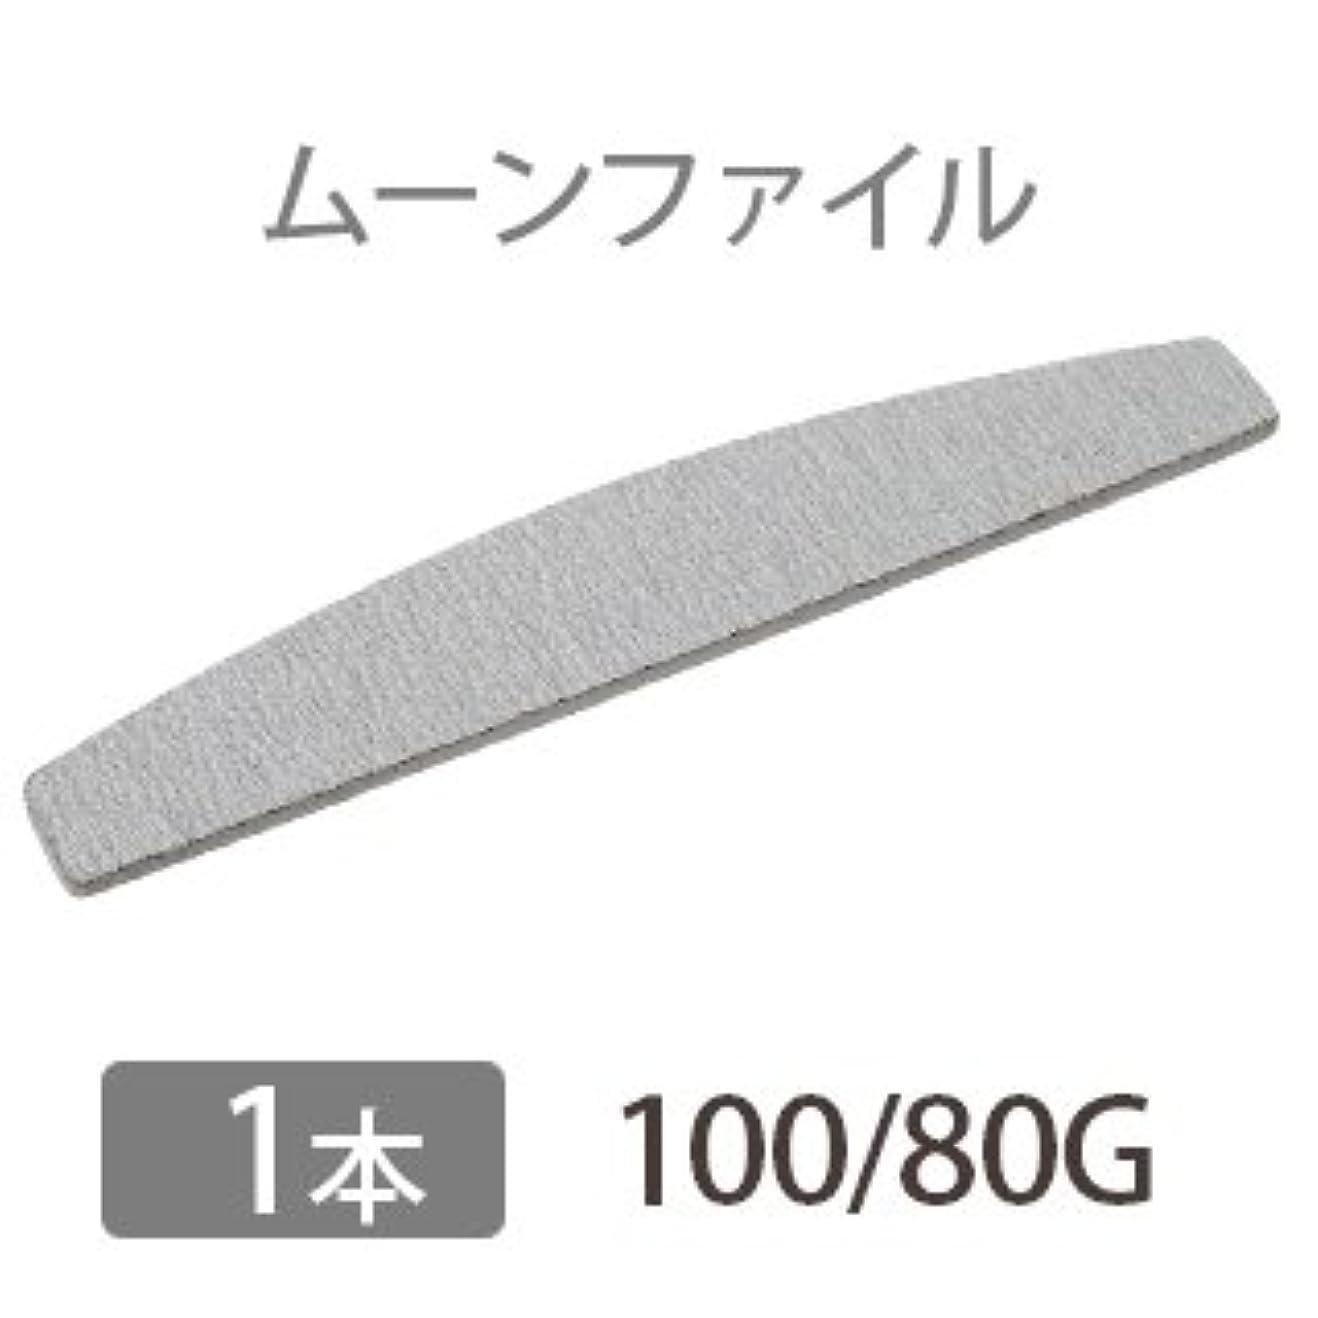 平均フォージブレーキムーンファイル 100/80 【ネイル オフ ケア用品】